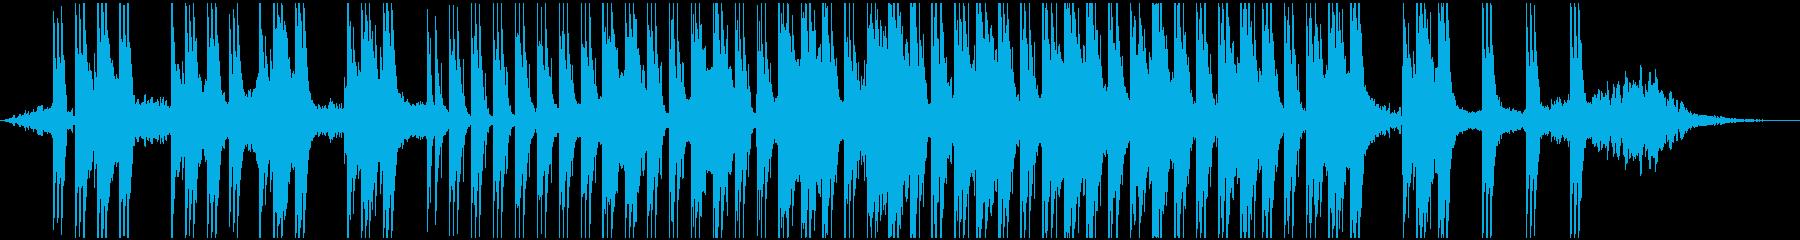 ニューエイジインストゥルメンタル。...の再生済みの波形